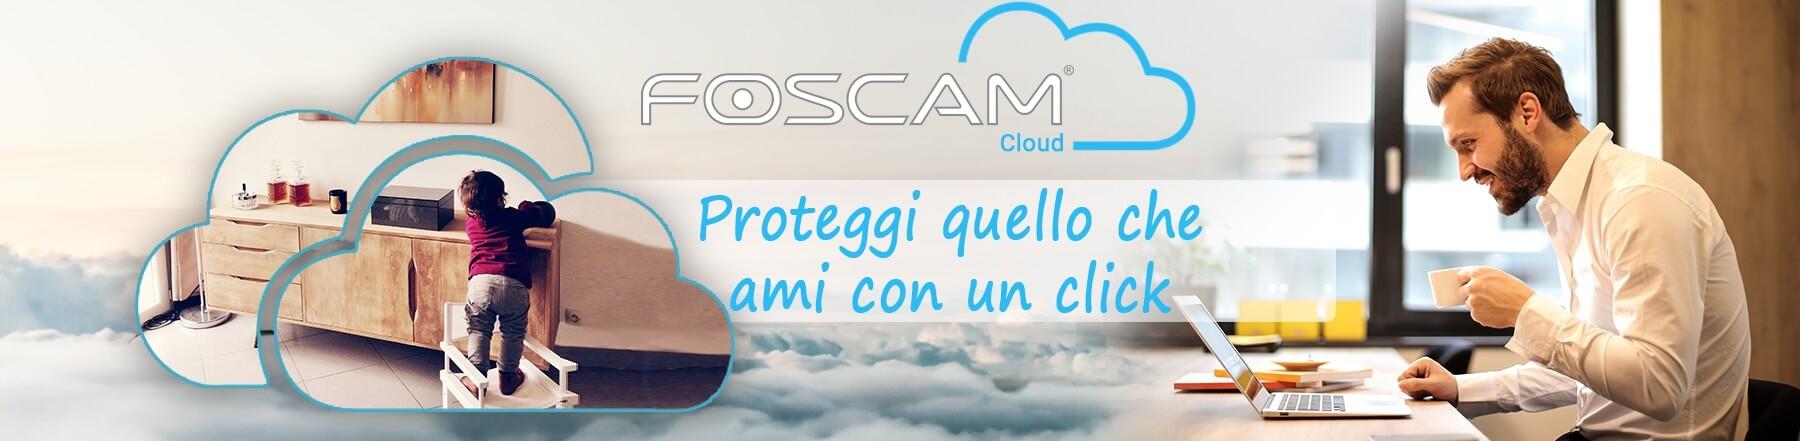 Scopri tutti i Vantaggi del Cloud Foscam